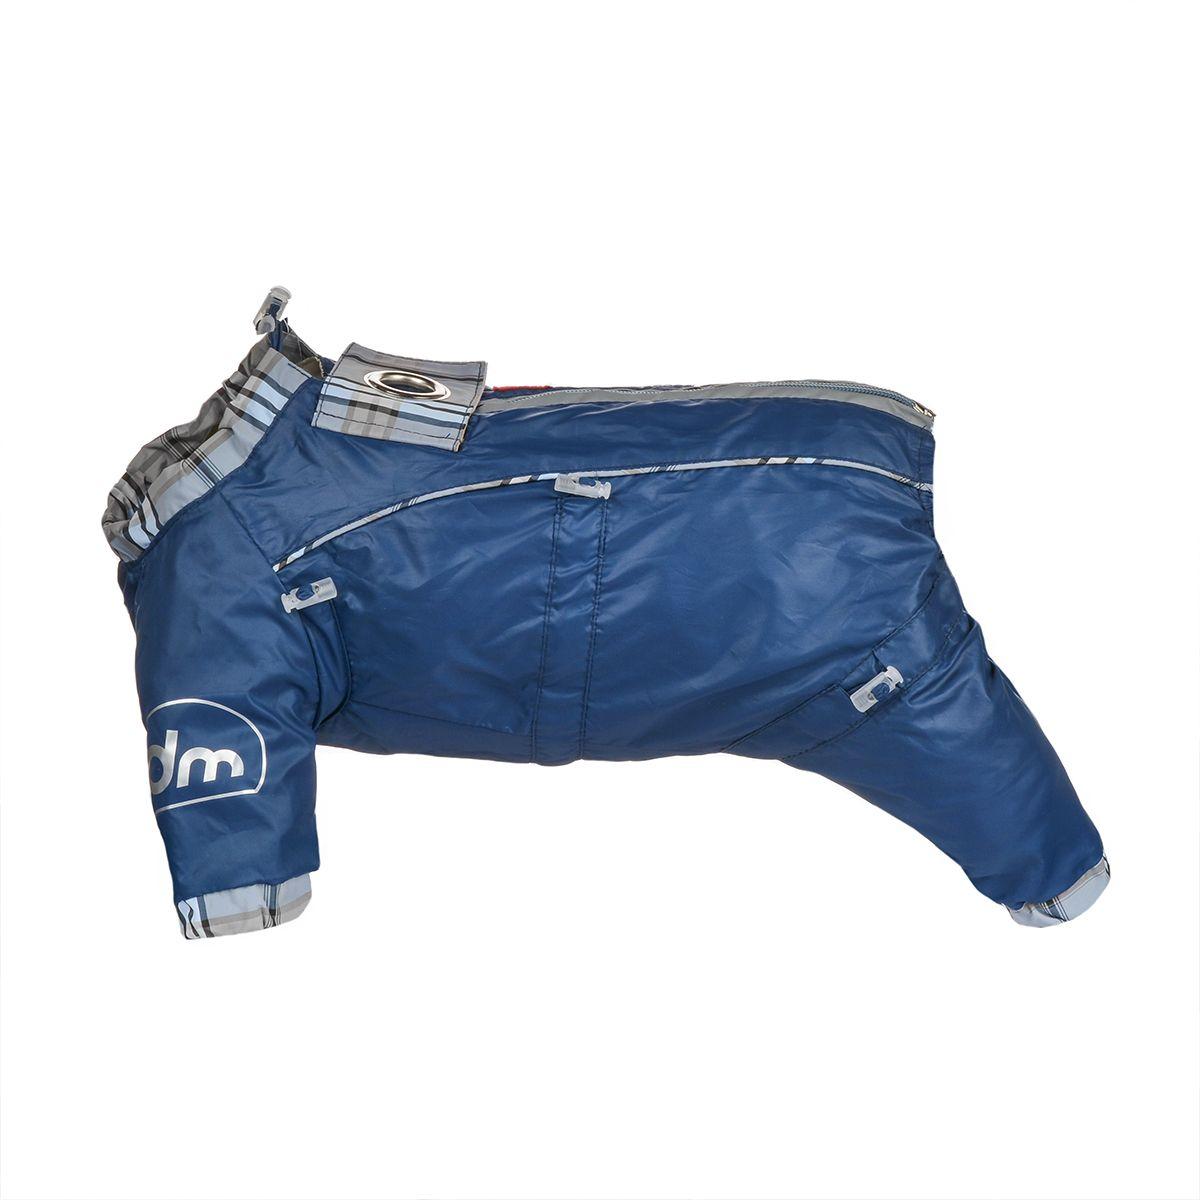 Комбинезон для собак Dogmoda Doggs, для мальчика, цвет: темно-синий. Размер L101246Комбинезон для собак Dogmoda Doggs отлично подойдет для прогулок в ветреную погоду.Комбинезон изготовлен из полиэстера, защищающего от ветра и осадков, с подкладкой из вискозы, которая обеспечит отличный воздухообмен. Комбинезон застегивается на молнию и липучку, благодаря чему его легко надевать и снимать. Молния снабжена светоотражающими элементами. Низ рукавов и брючин оснащен внутренними резинками, которые мягко обхватывают лапки, не позволяя просачиваться холодному воздуху. На вороте, пояснице и лапках комбинезон затягивается на шнурок-кулиску с затяжкой. Модель снабжена непромокаемым карманом для размещения записки с информацией о вашем питомце, на случай если он потеряется.Благодаря такому комбинезону простуда не грозит вашему питомцу и он не даст любимцу продрогнуть на прогулке.